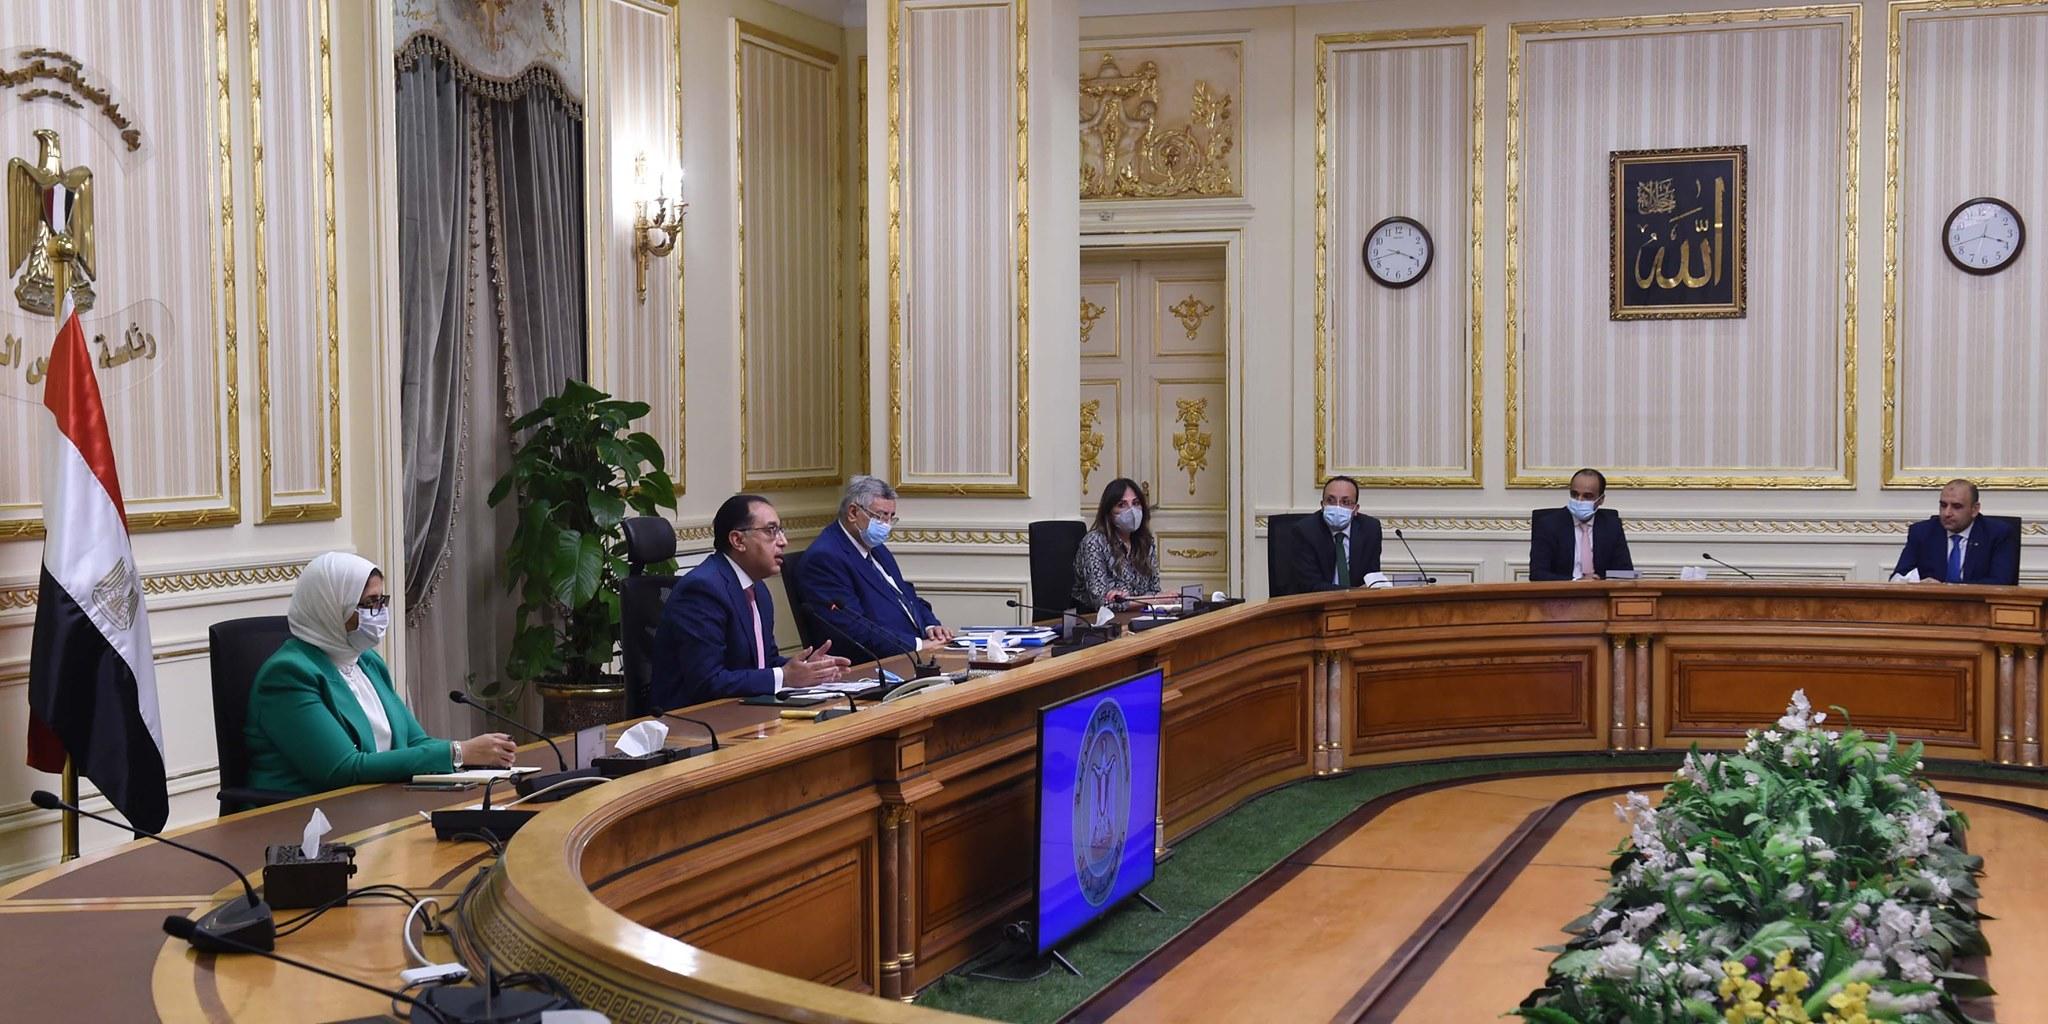 بيان وزارة الأوقاف حول صلاة عيد الفطر 2021 والأماكن المسموح بها لصلاة العيد 3